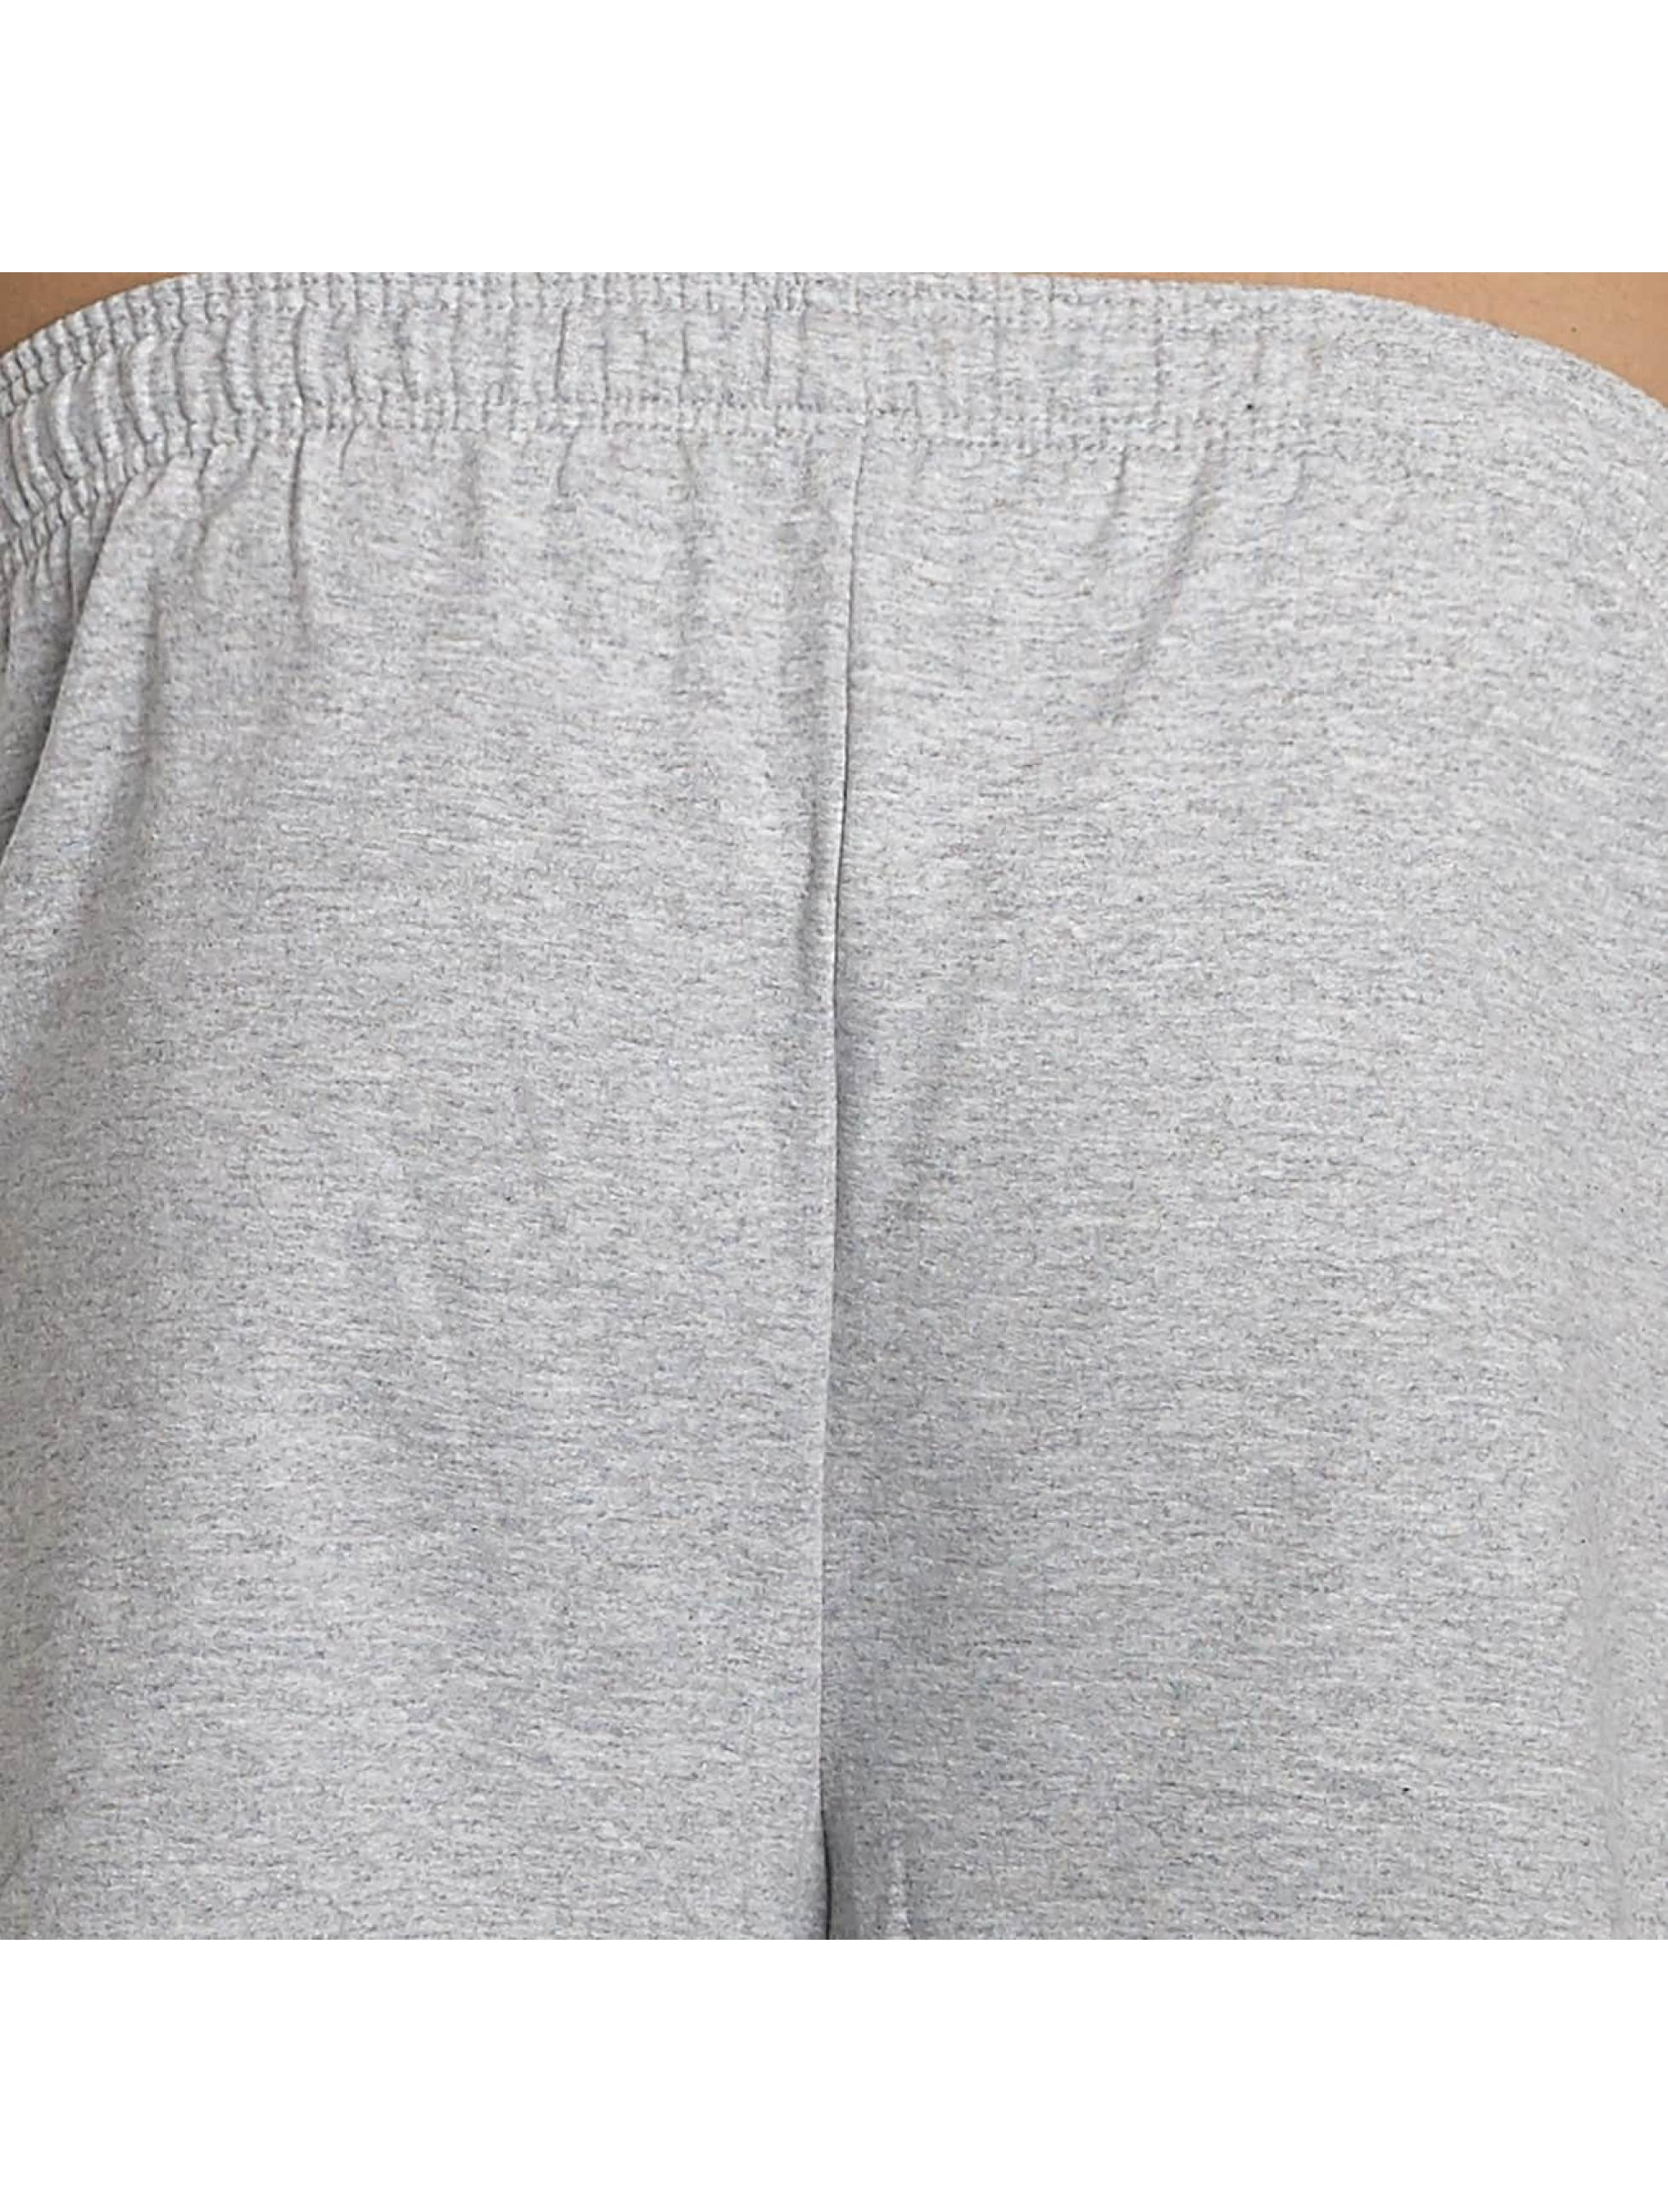 Nebbia Shorts N3 grigio